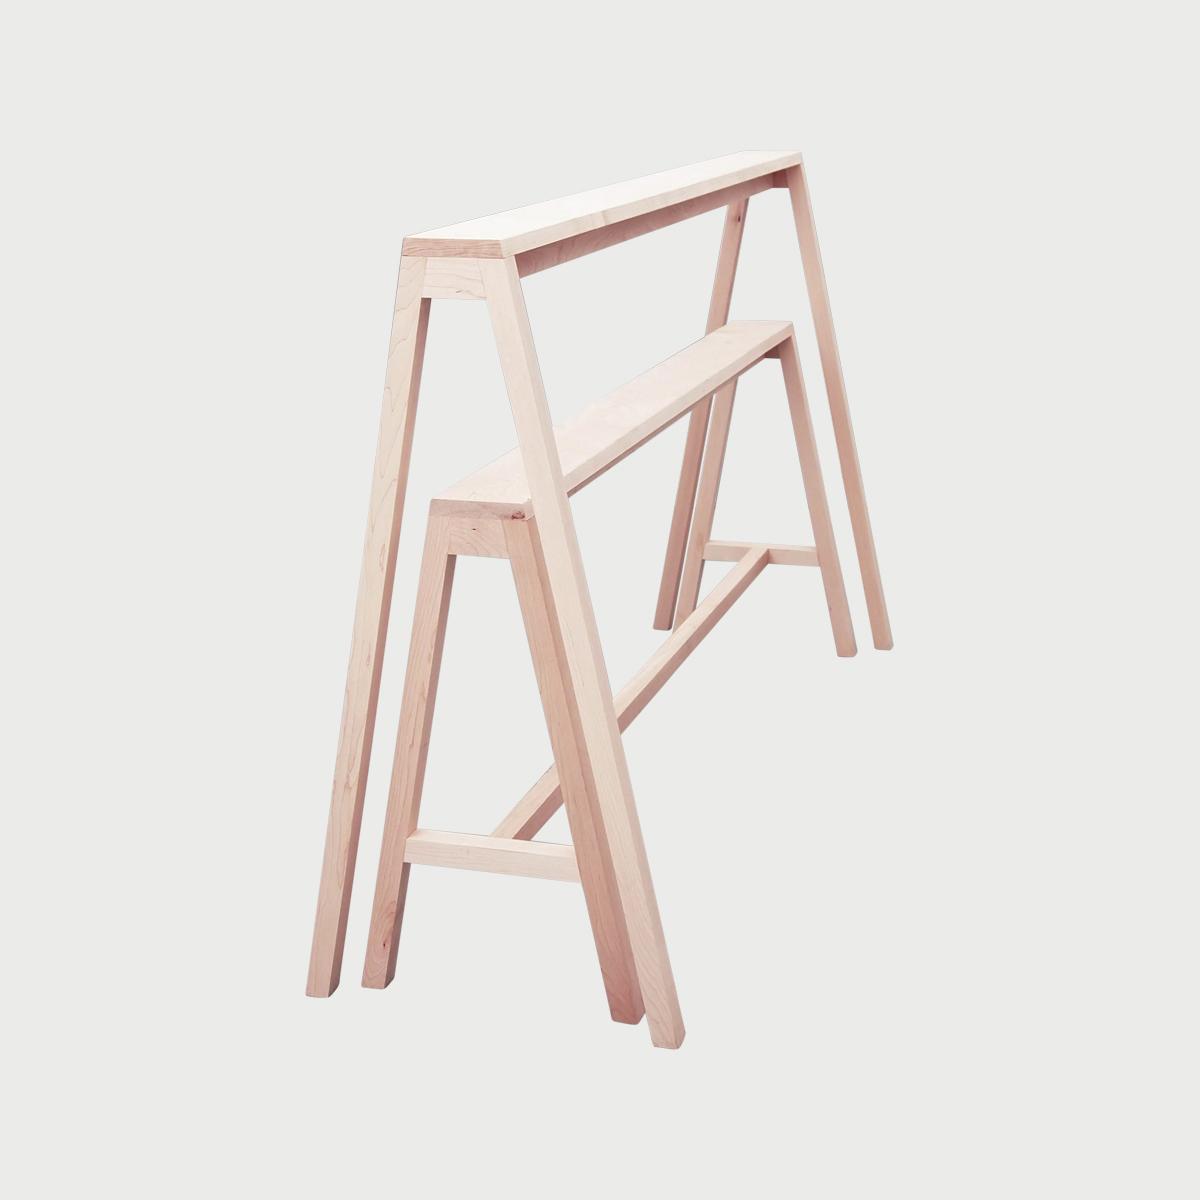 Aa furniture 01